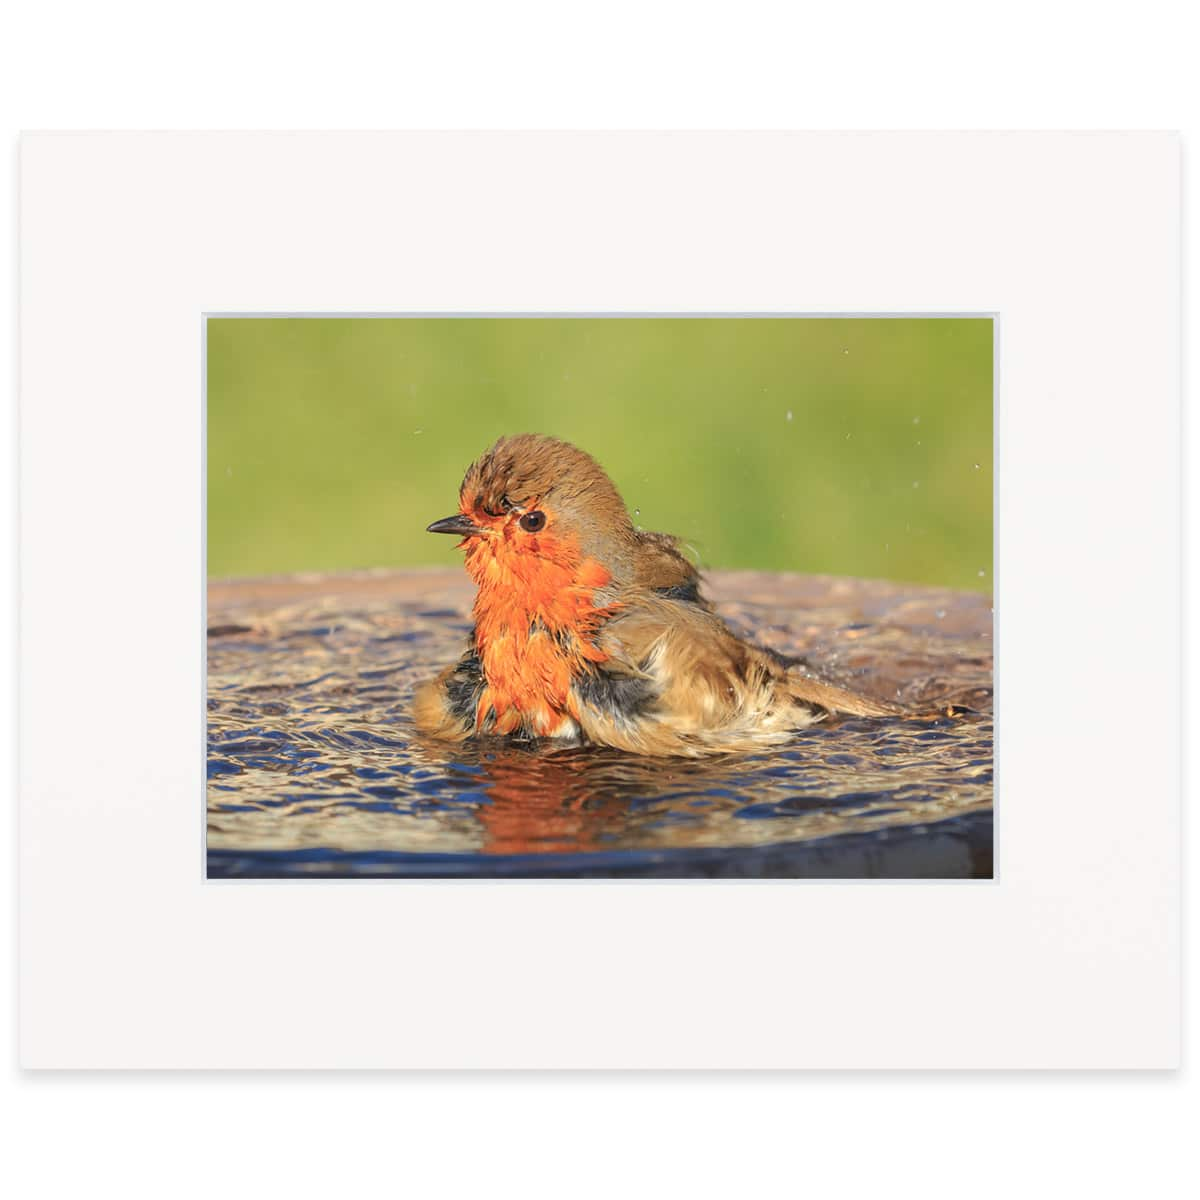 Robin bathing